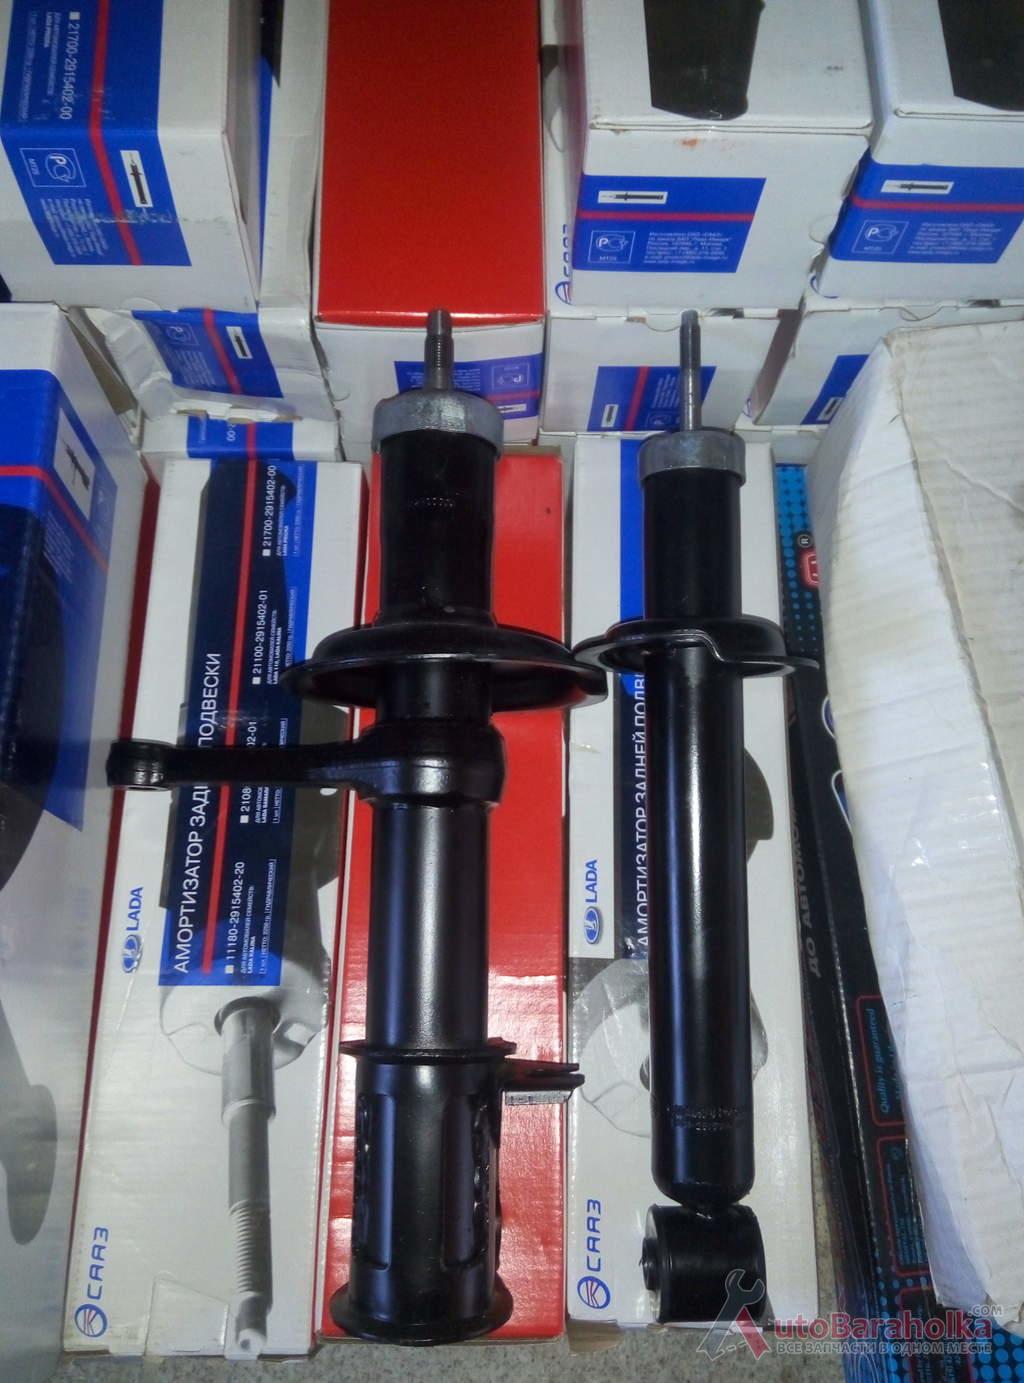 Продам стойки амортизаторы ваз 2108-09-2110-2115 передние и задние в наличии масло и газ масло Одесса